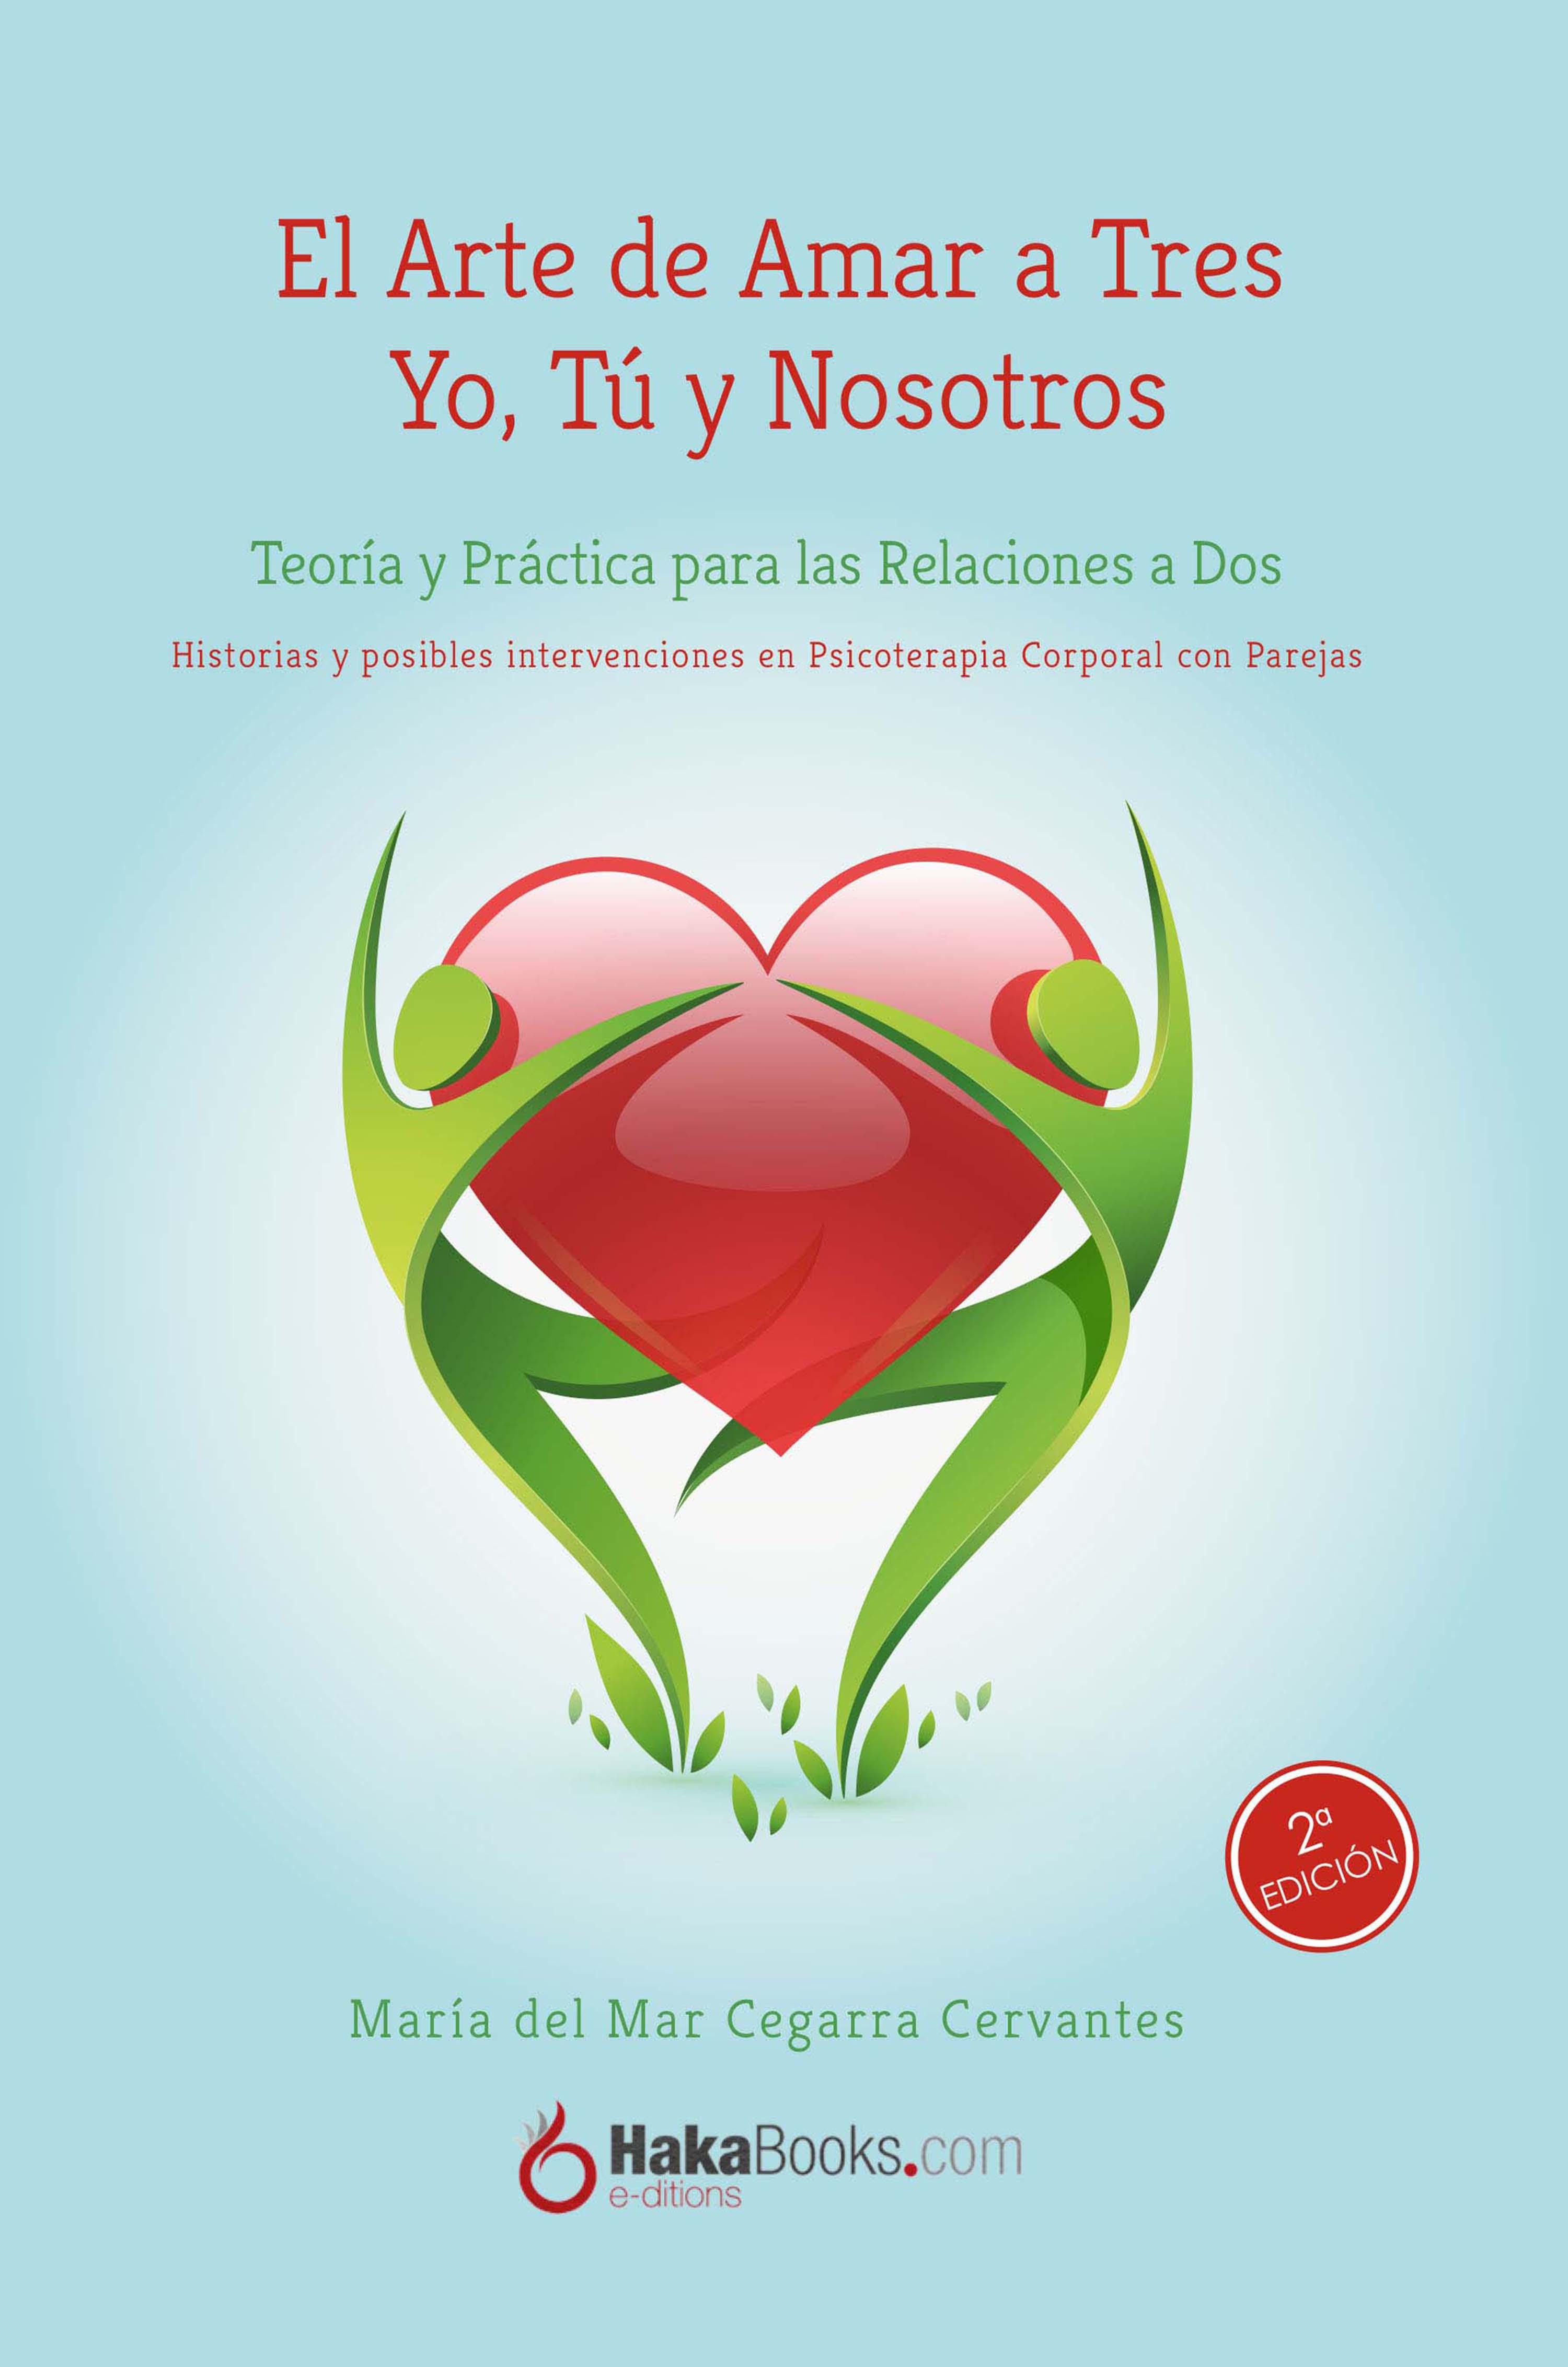 цена на Maria del Mar Cegarra Cervantes El arte de amar a tres